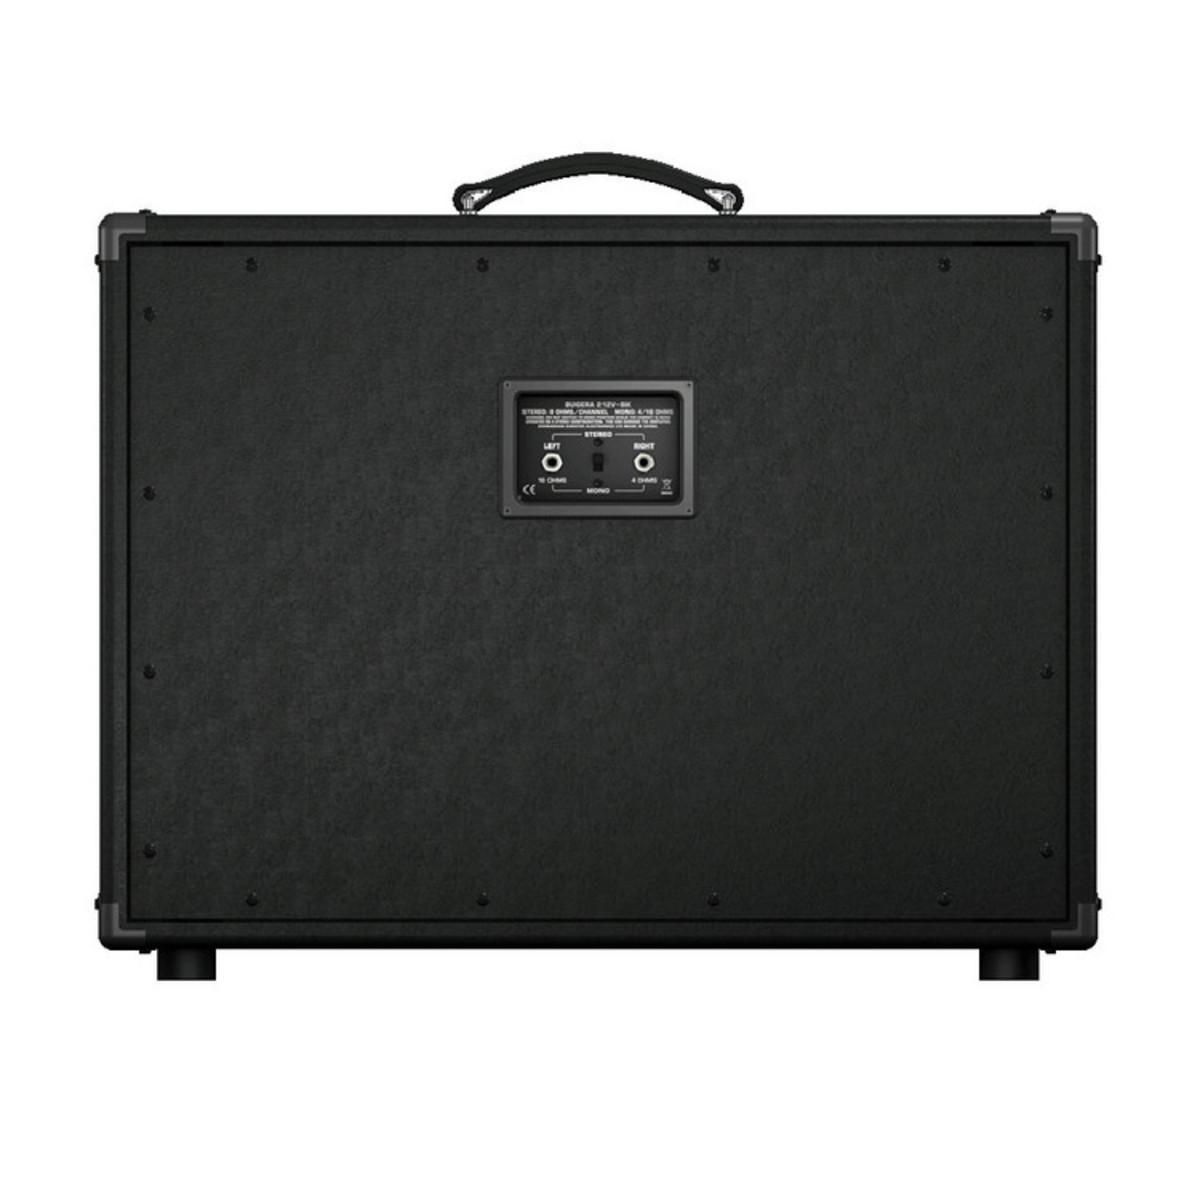 bugera 212v bk vintage 2x12 140w stereo guitar cabinet at. Black Bedroom Furniture Sets. Home Design Ideas